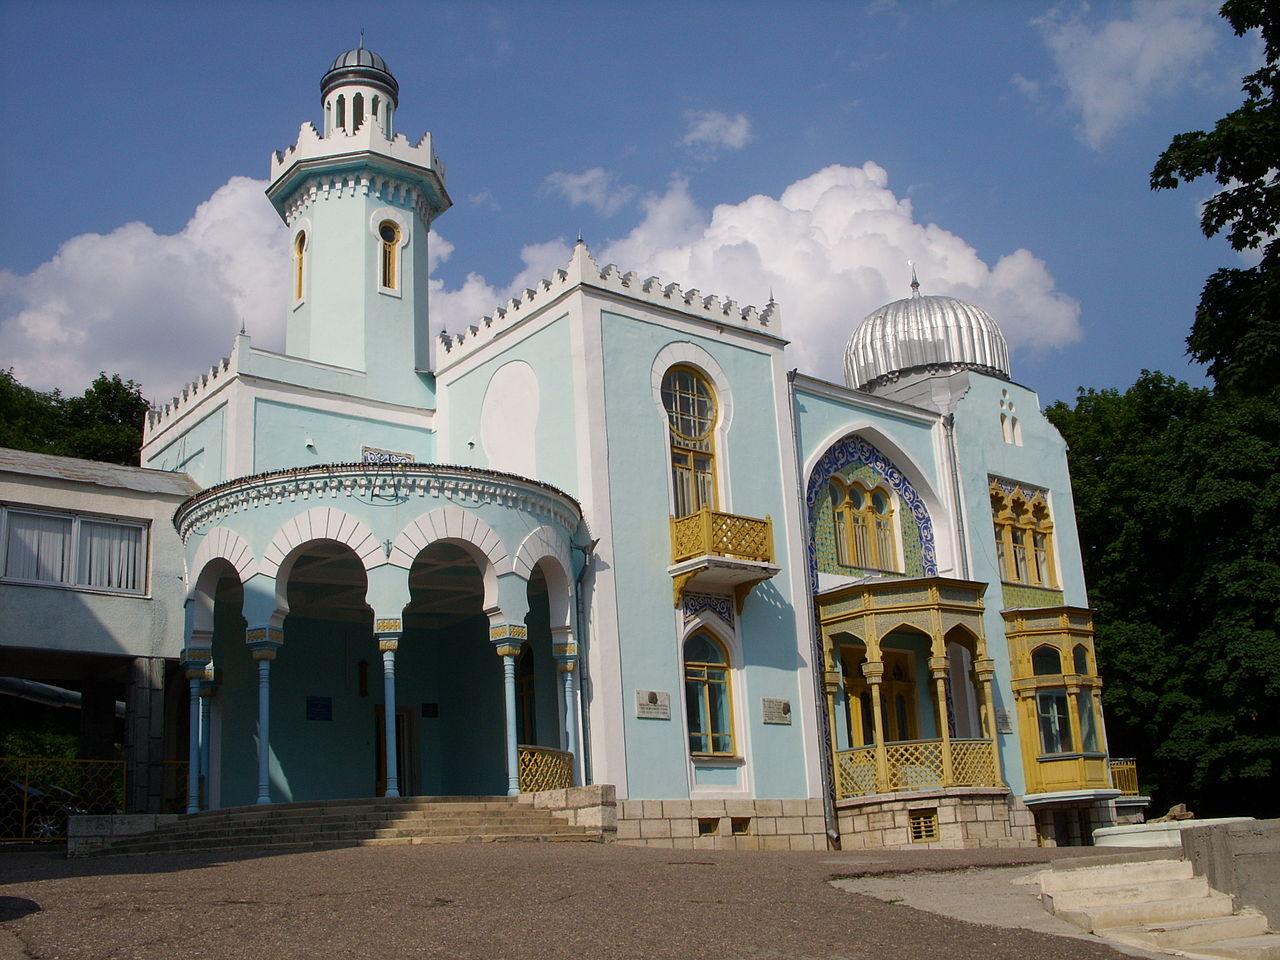 Дворец эмира бухарского в Железноводске, фасад